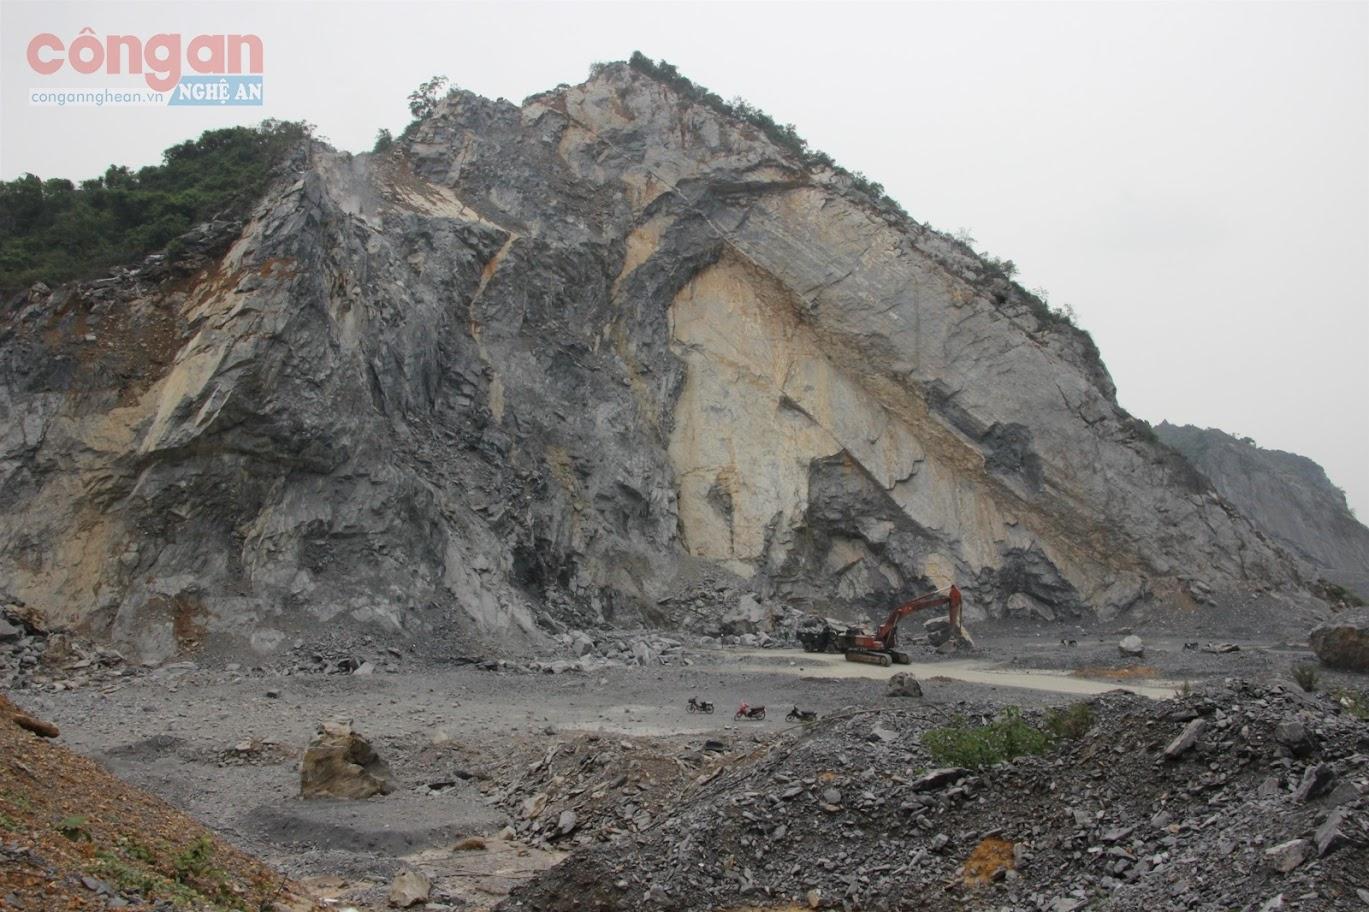 Mỏ khai thác đá của Công ty CP vật liệu 99 đã xảy ra nhiều vụ tai nạn lao động, làm nhiều người tử vong